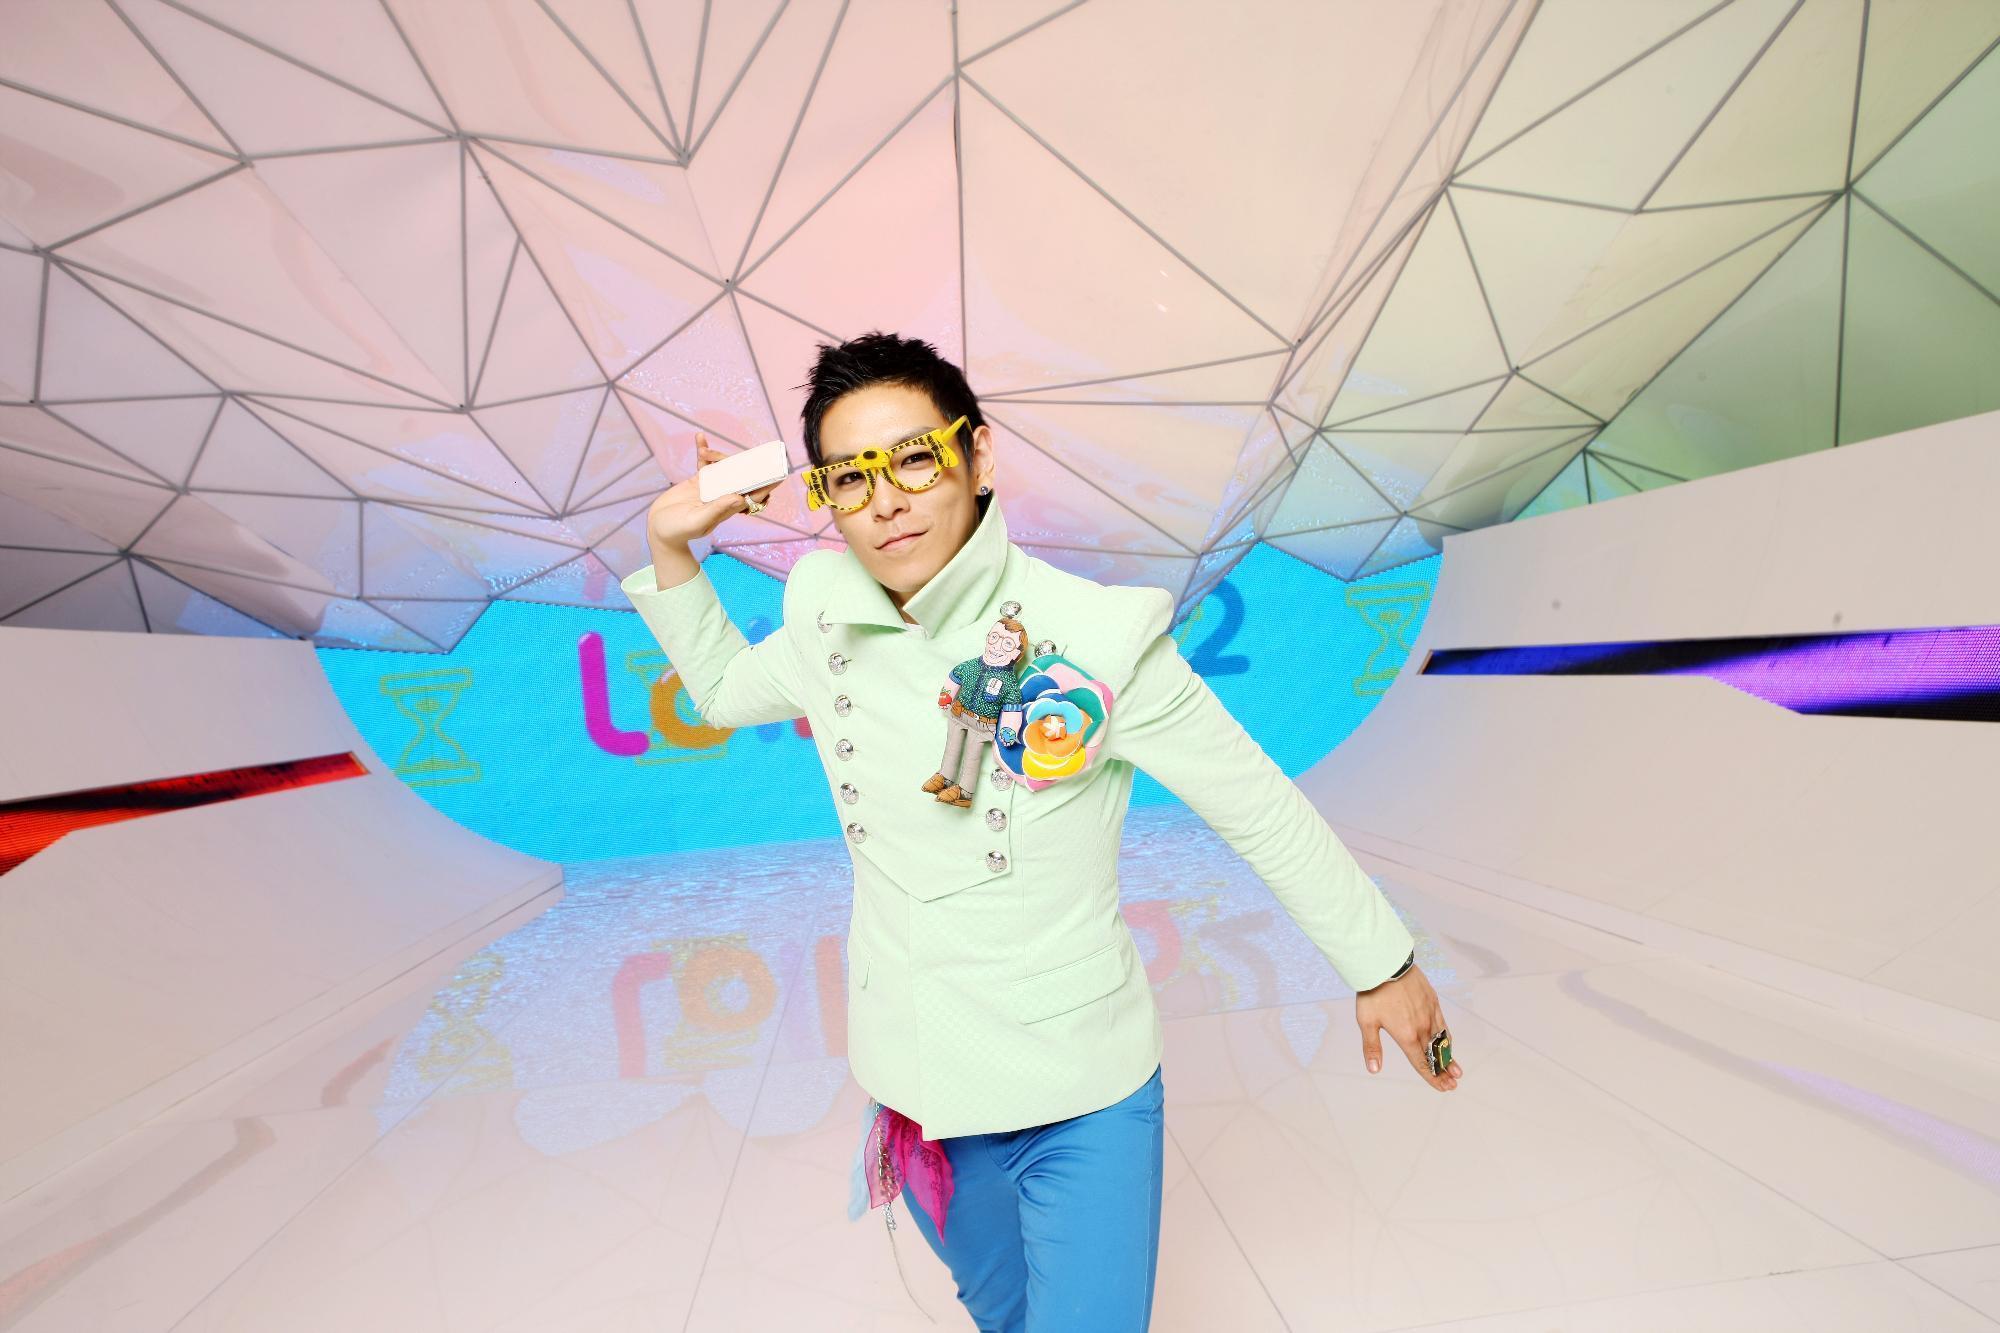 http://images2.fanpop.com/image/photos/12300000/bigbang-big-bang-12383748-2000-1333.jpg